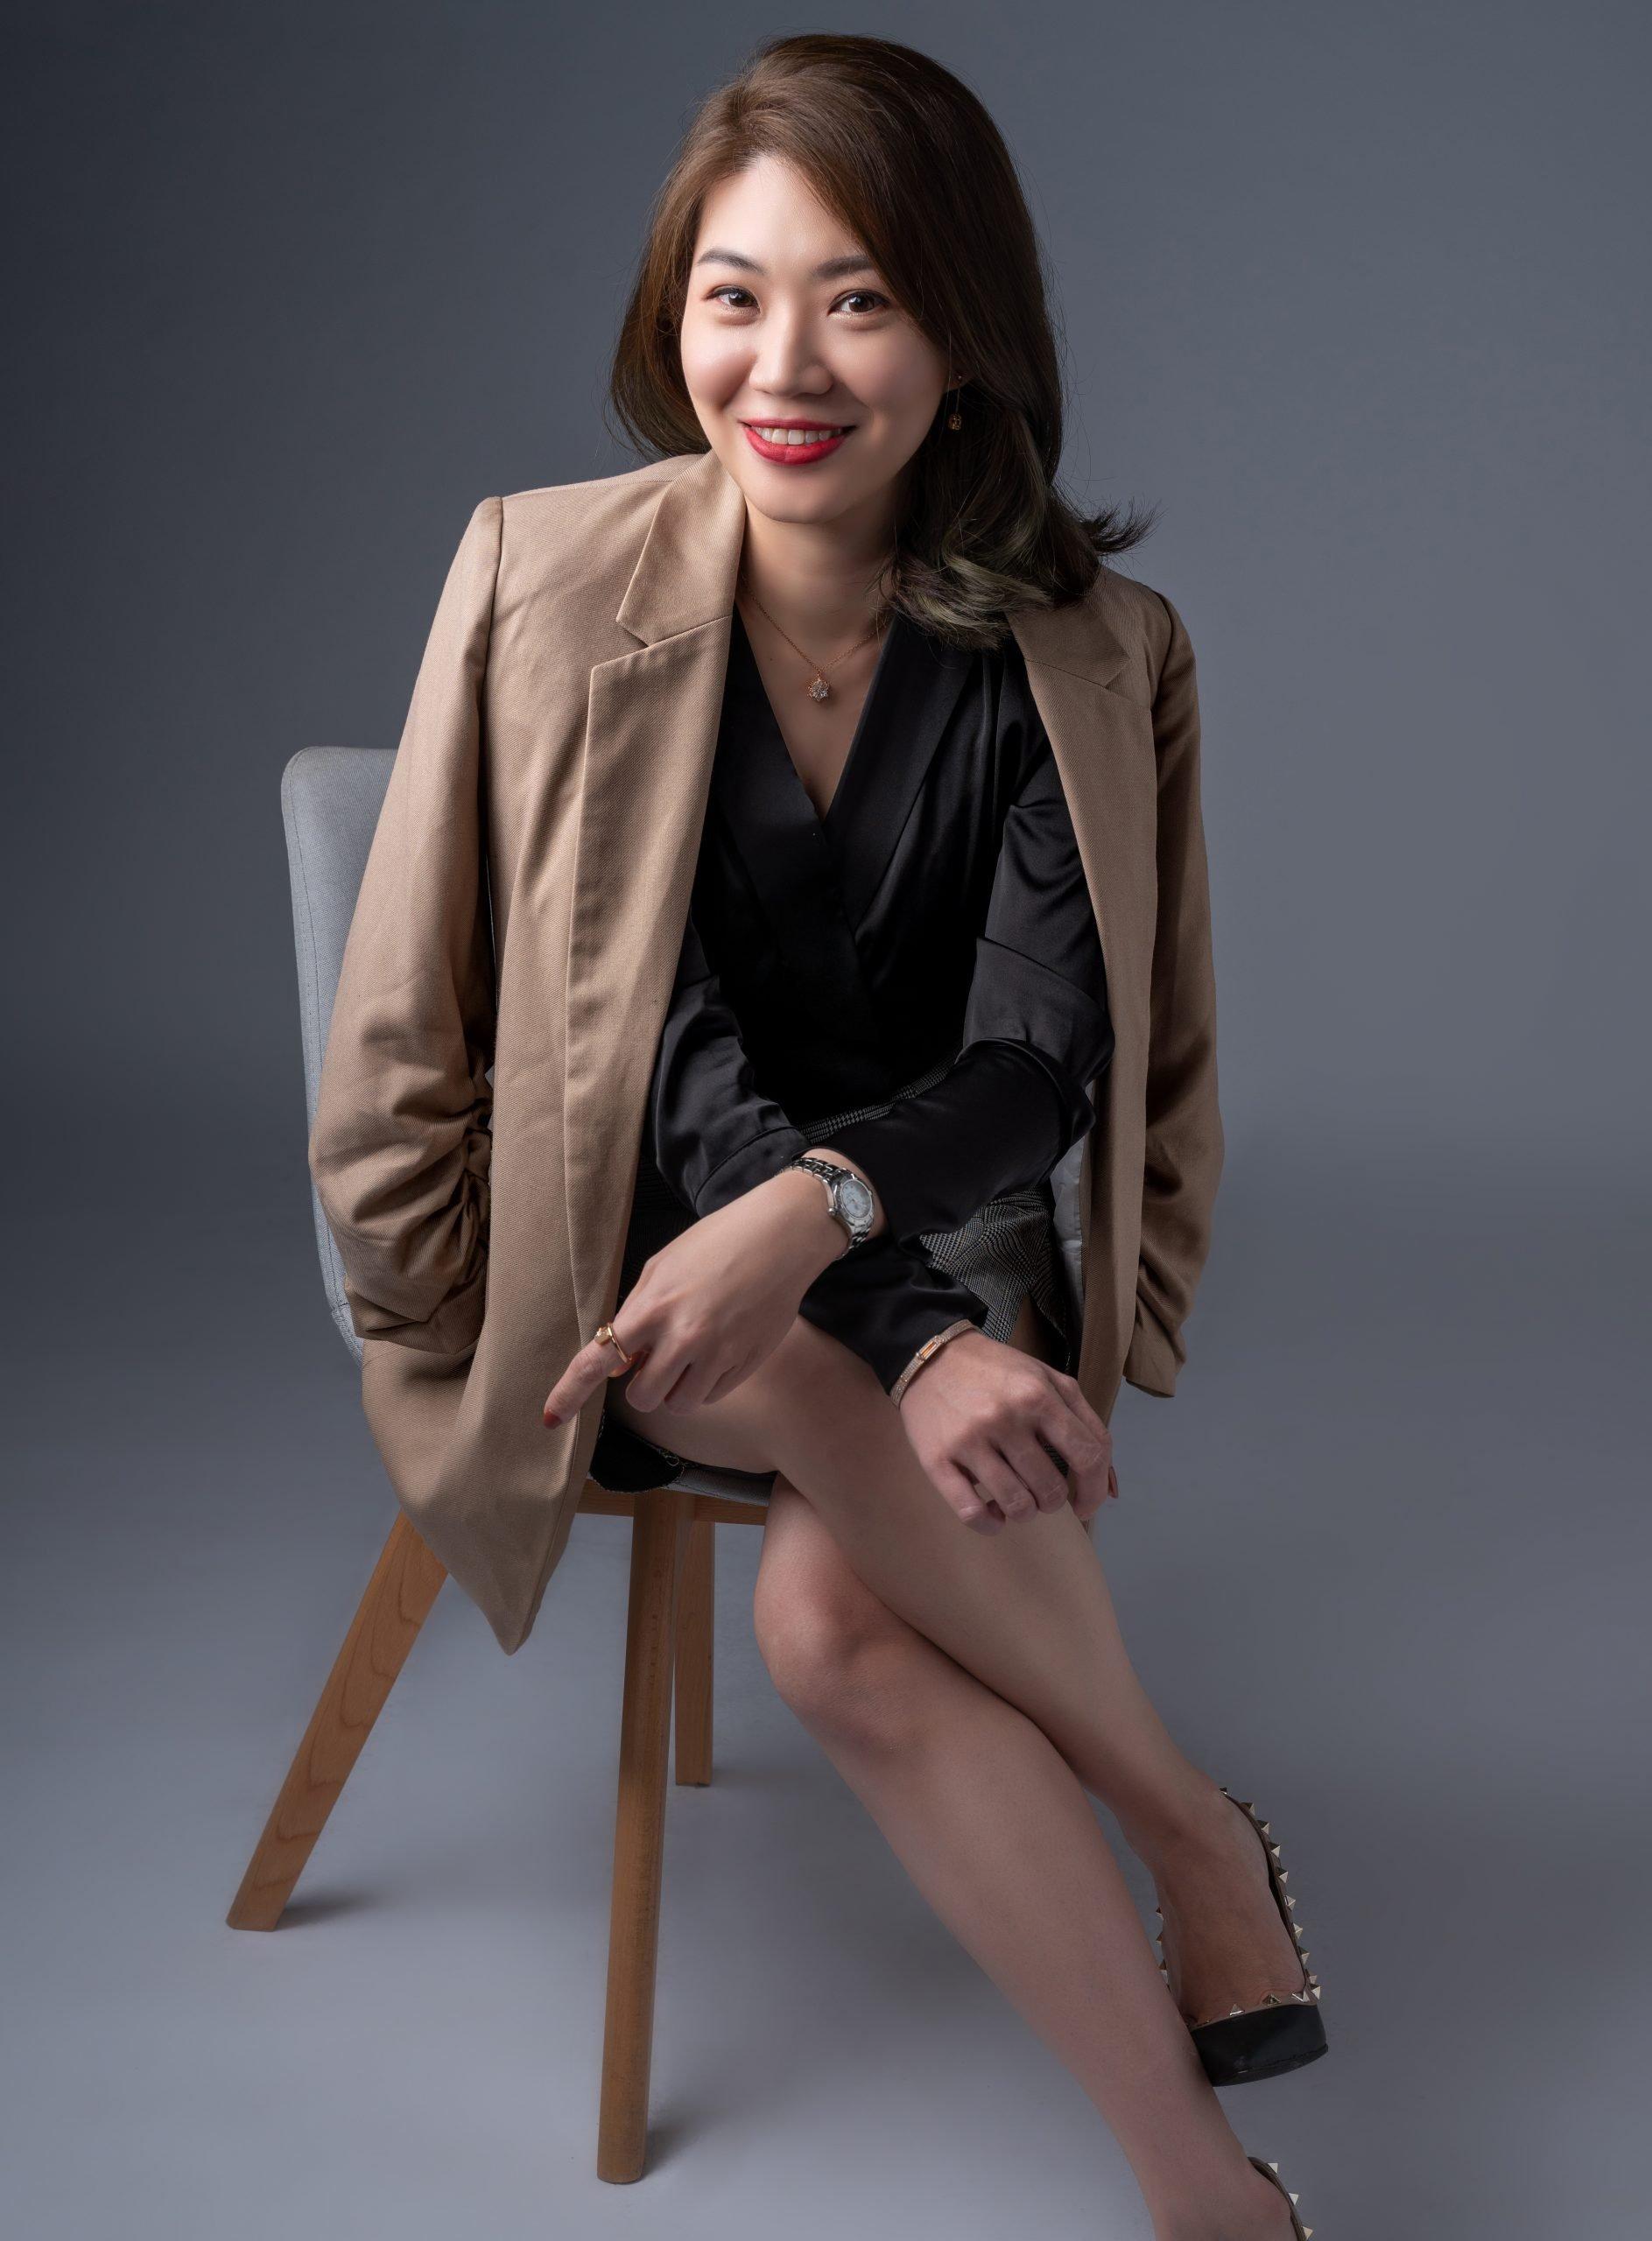 Jocelline Chee